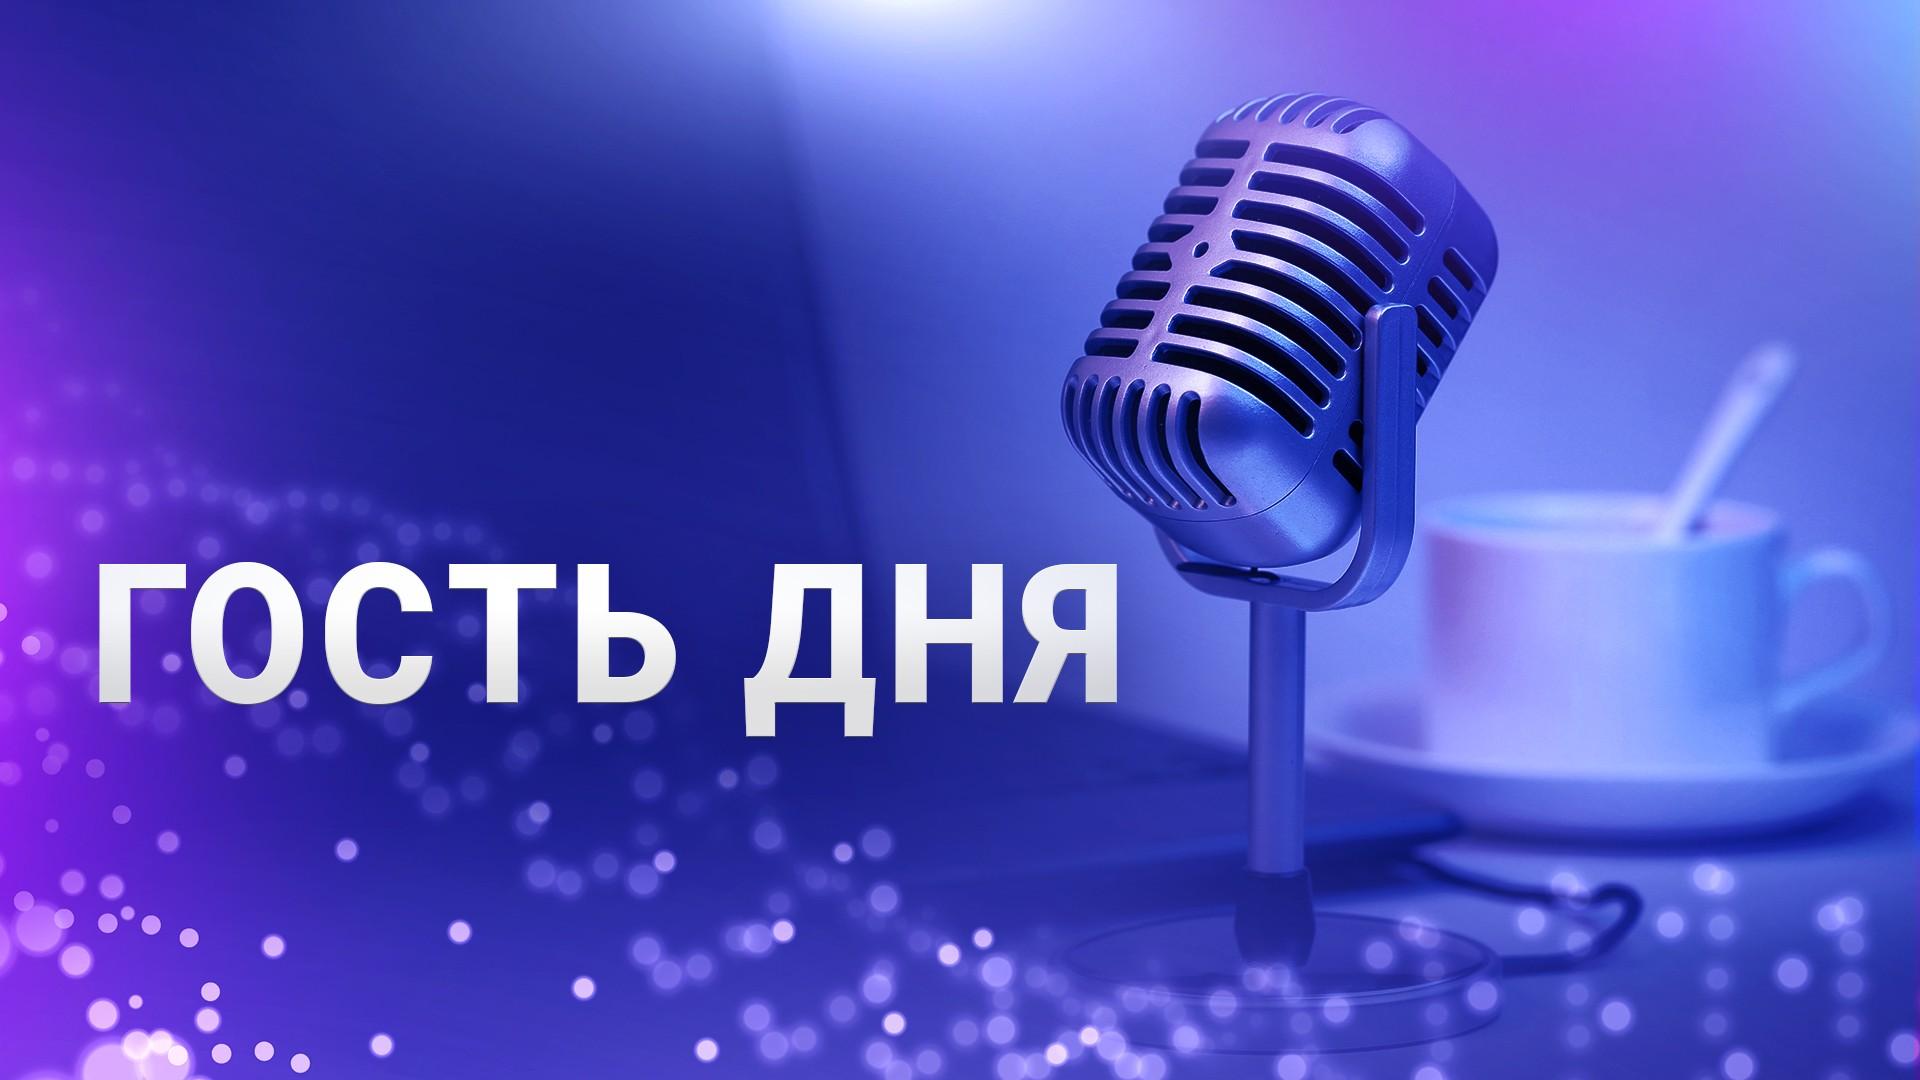 Гость дня: Ксения Мурашева